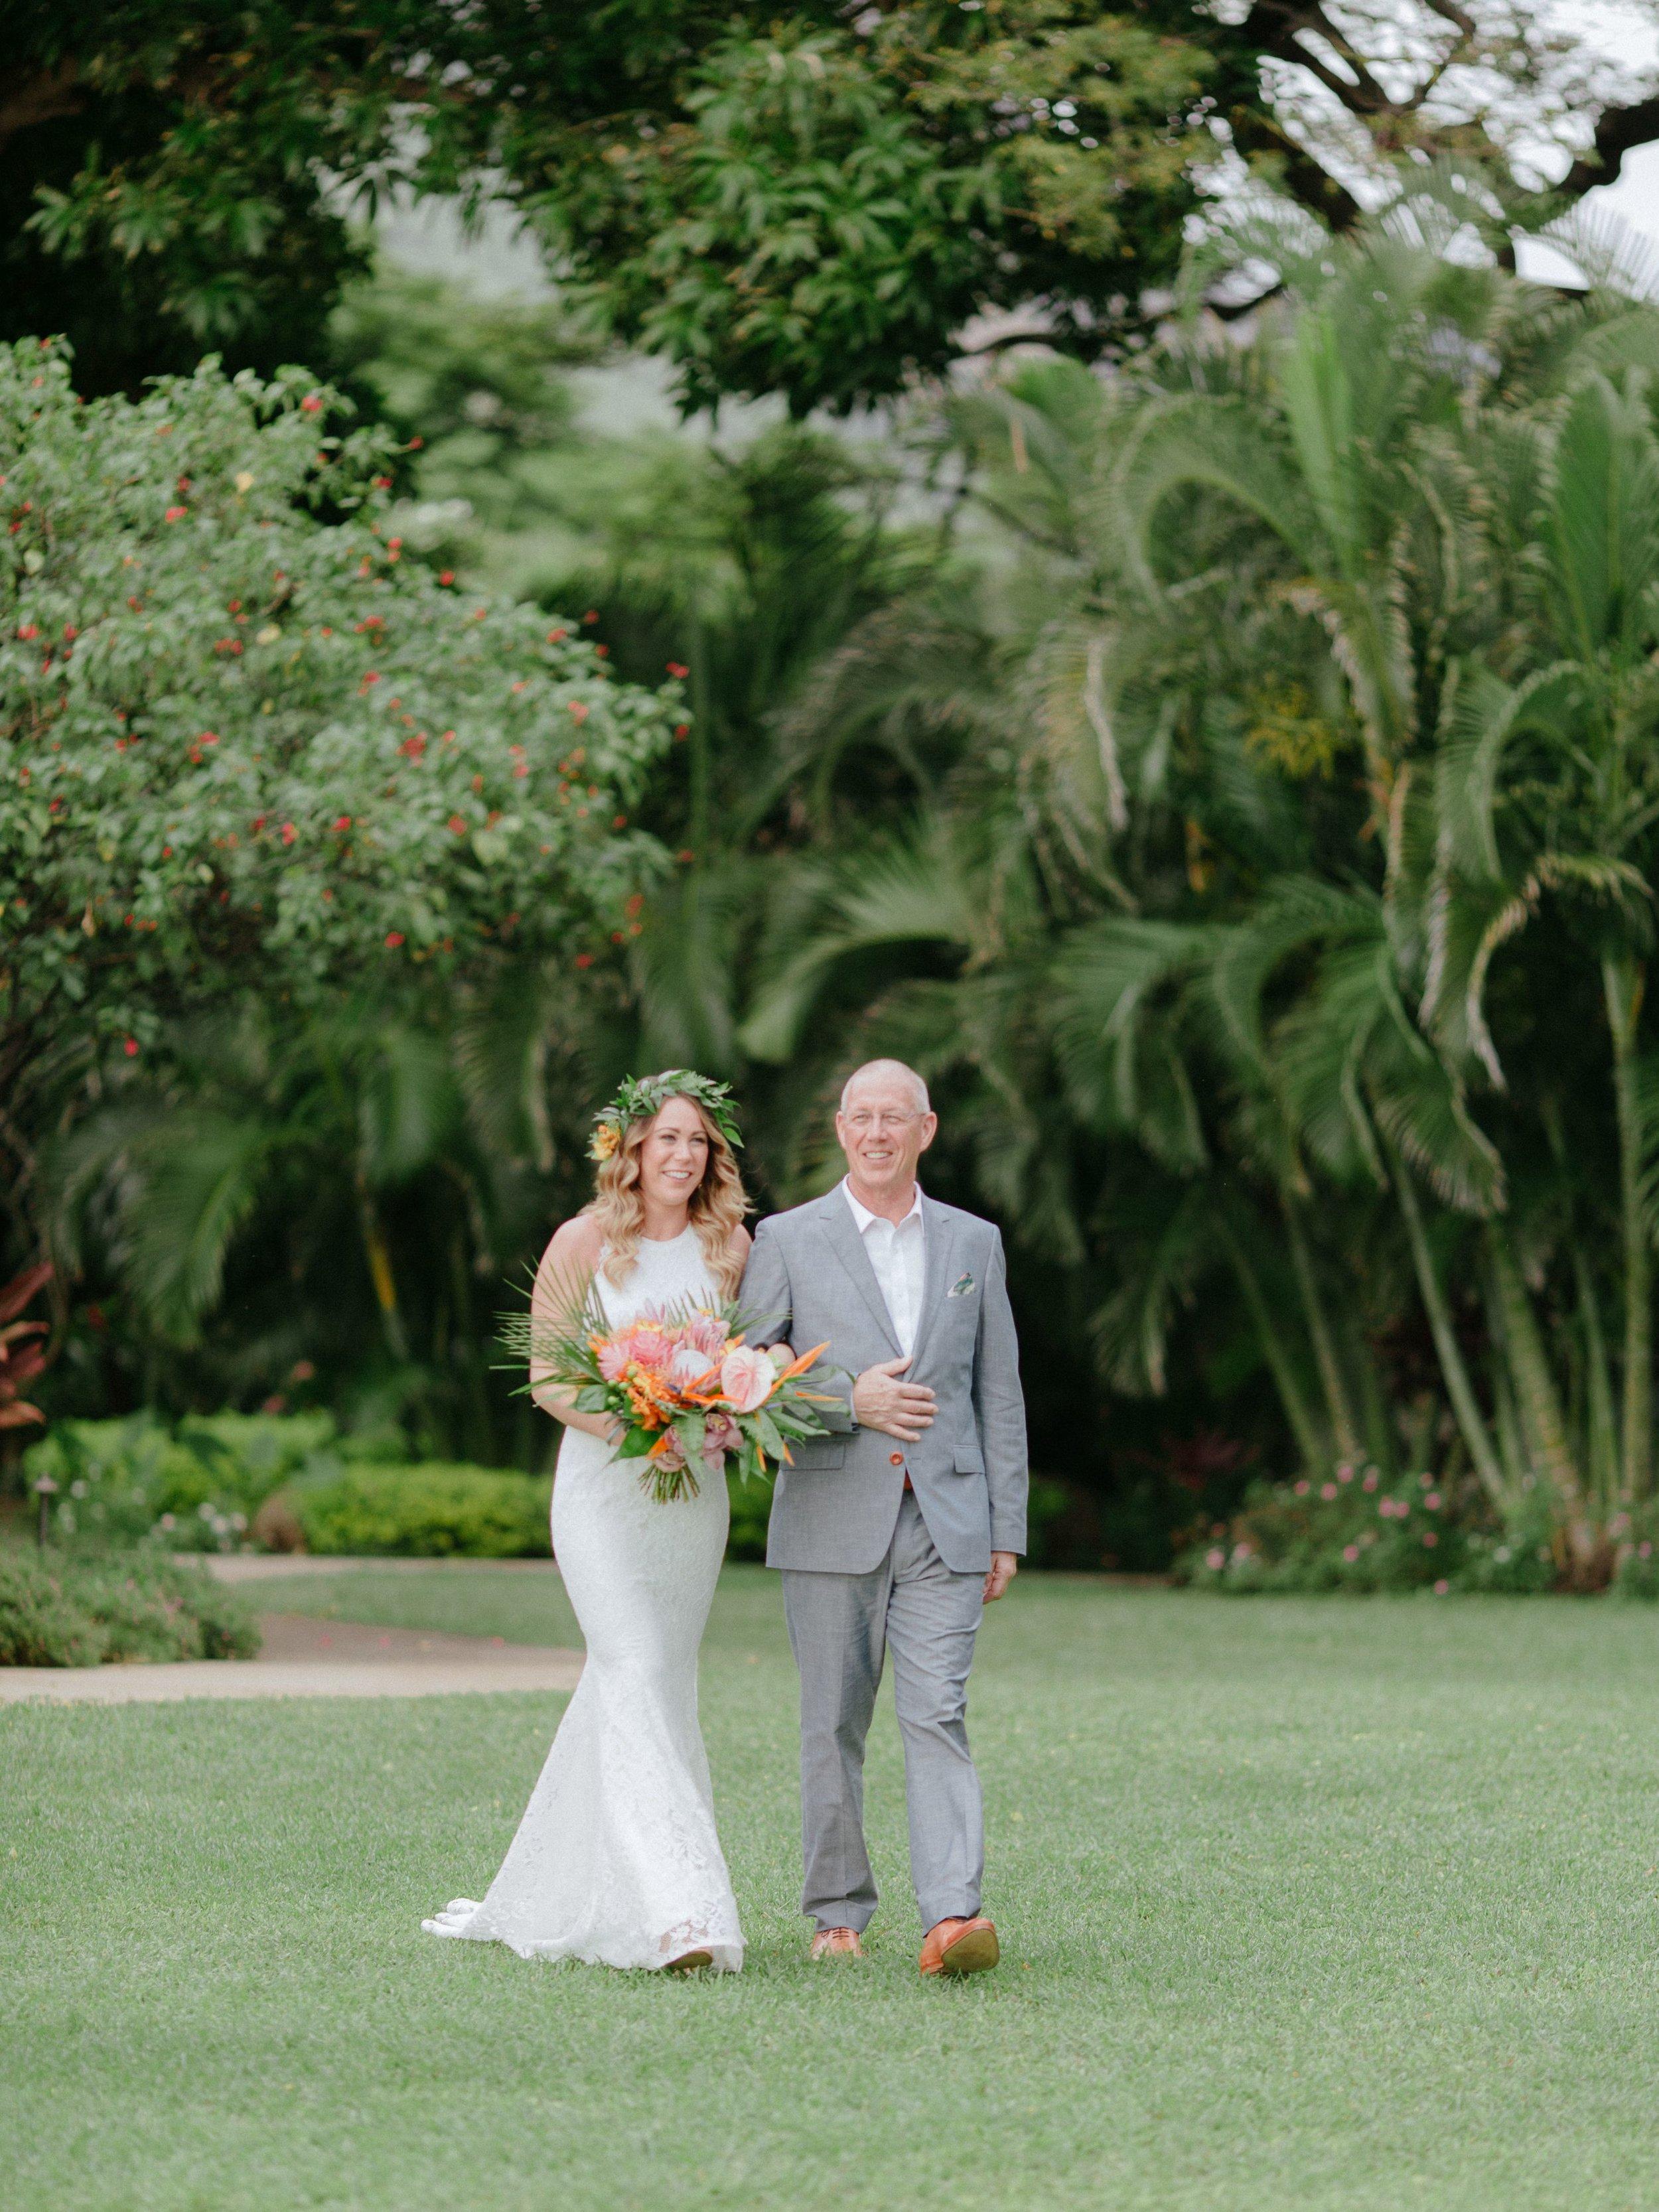 Chris-J-Evans-maui-wedding-JA1704.jpg